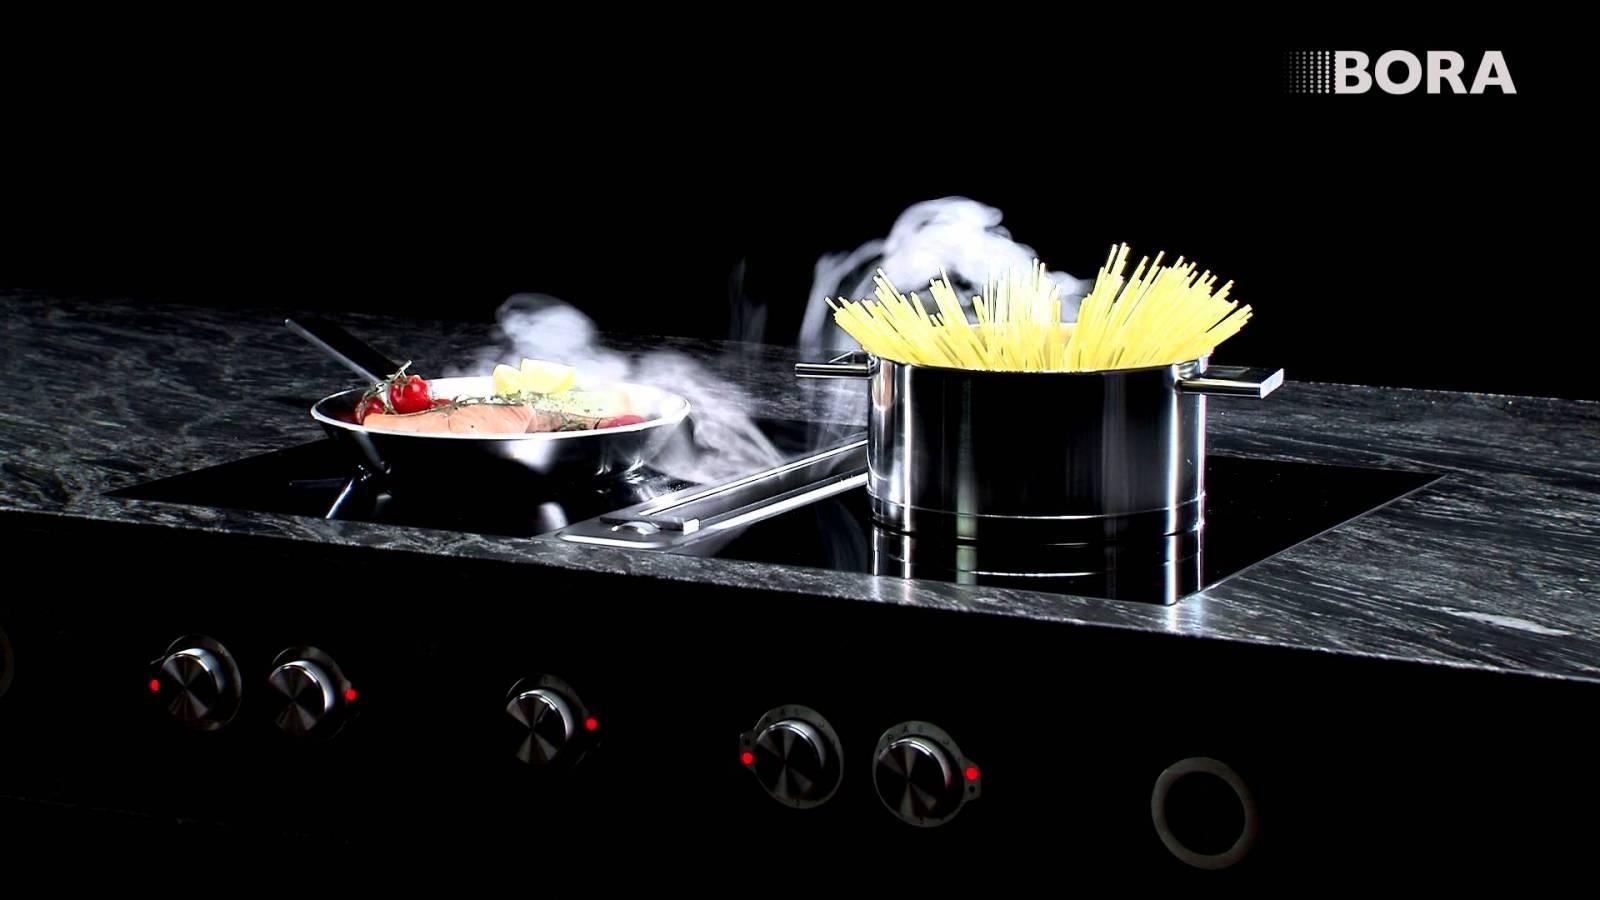 Hotte d aspiration cuisine hotte de cuisine d angle personal by elica design center elica 2 - Hotte bora prix ...